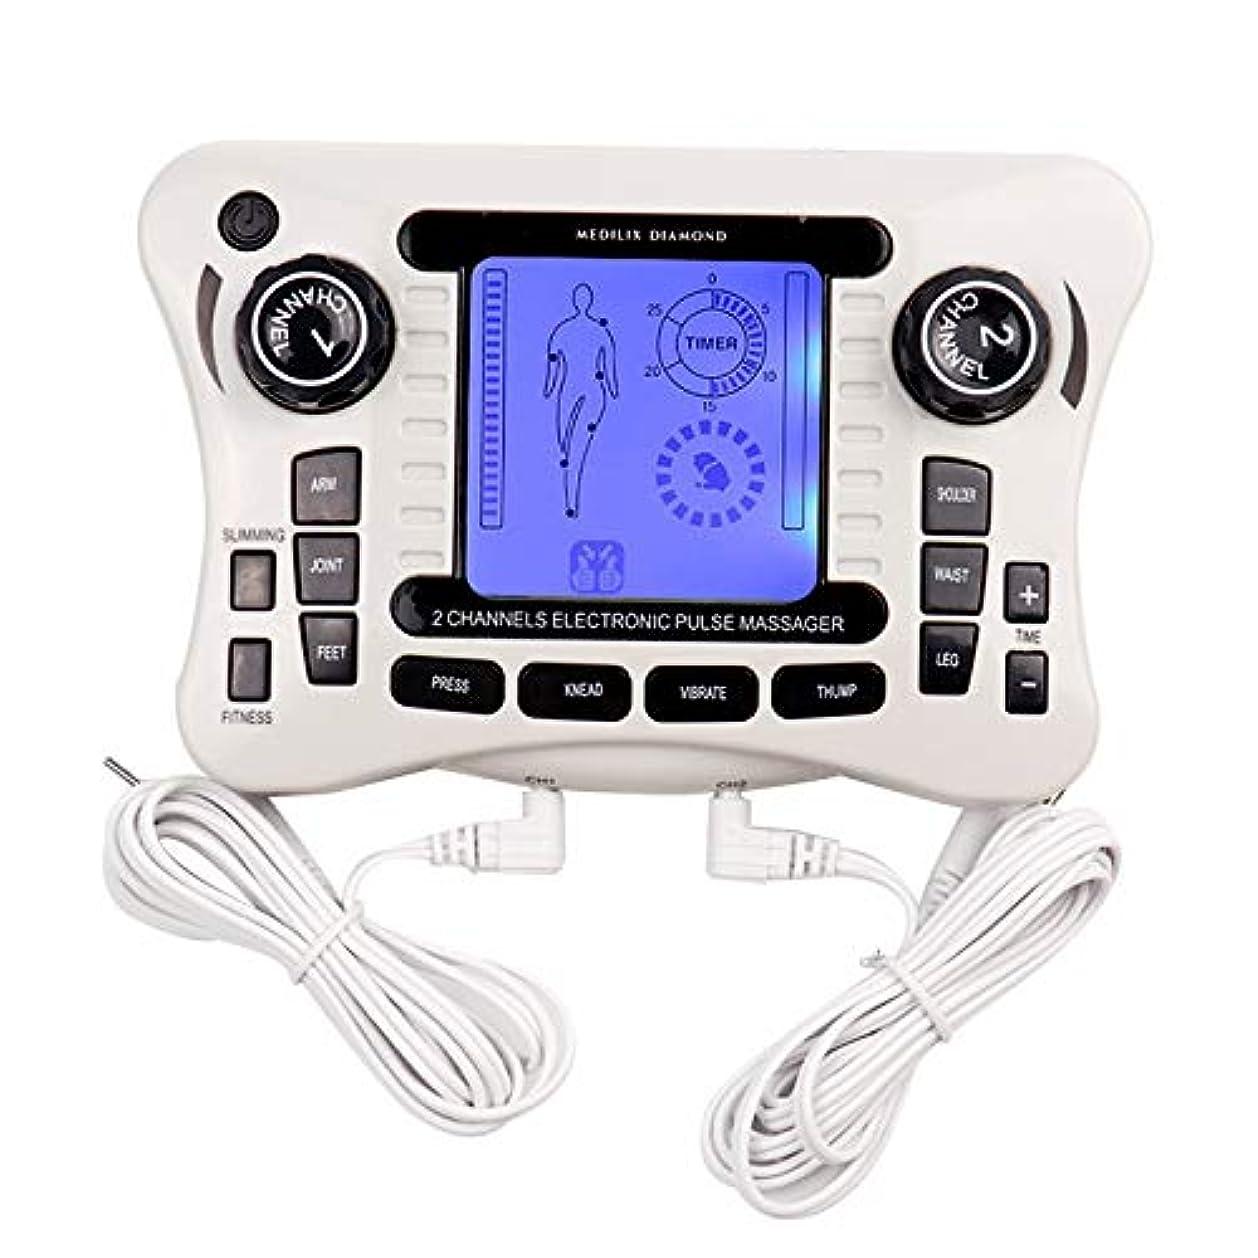 赤エッセンス誤解電子パルスマッサージャー/十emsトレーナーボディマッサージャー筋肉刺激装置バックボディネックマッサージデュアルチャンネル療法機